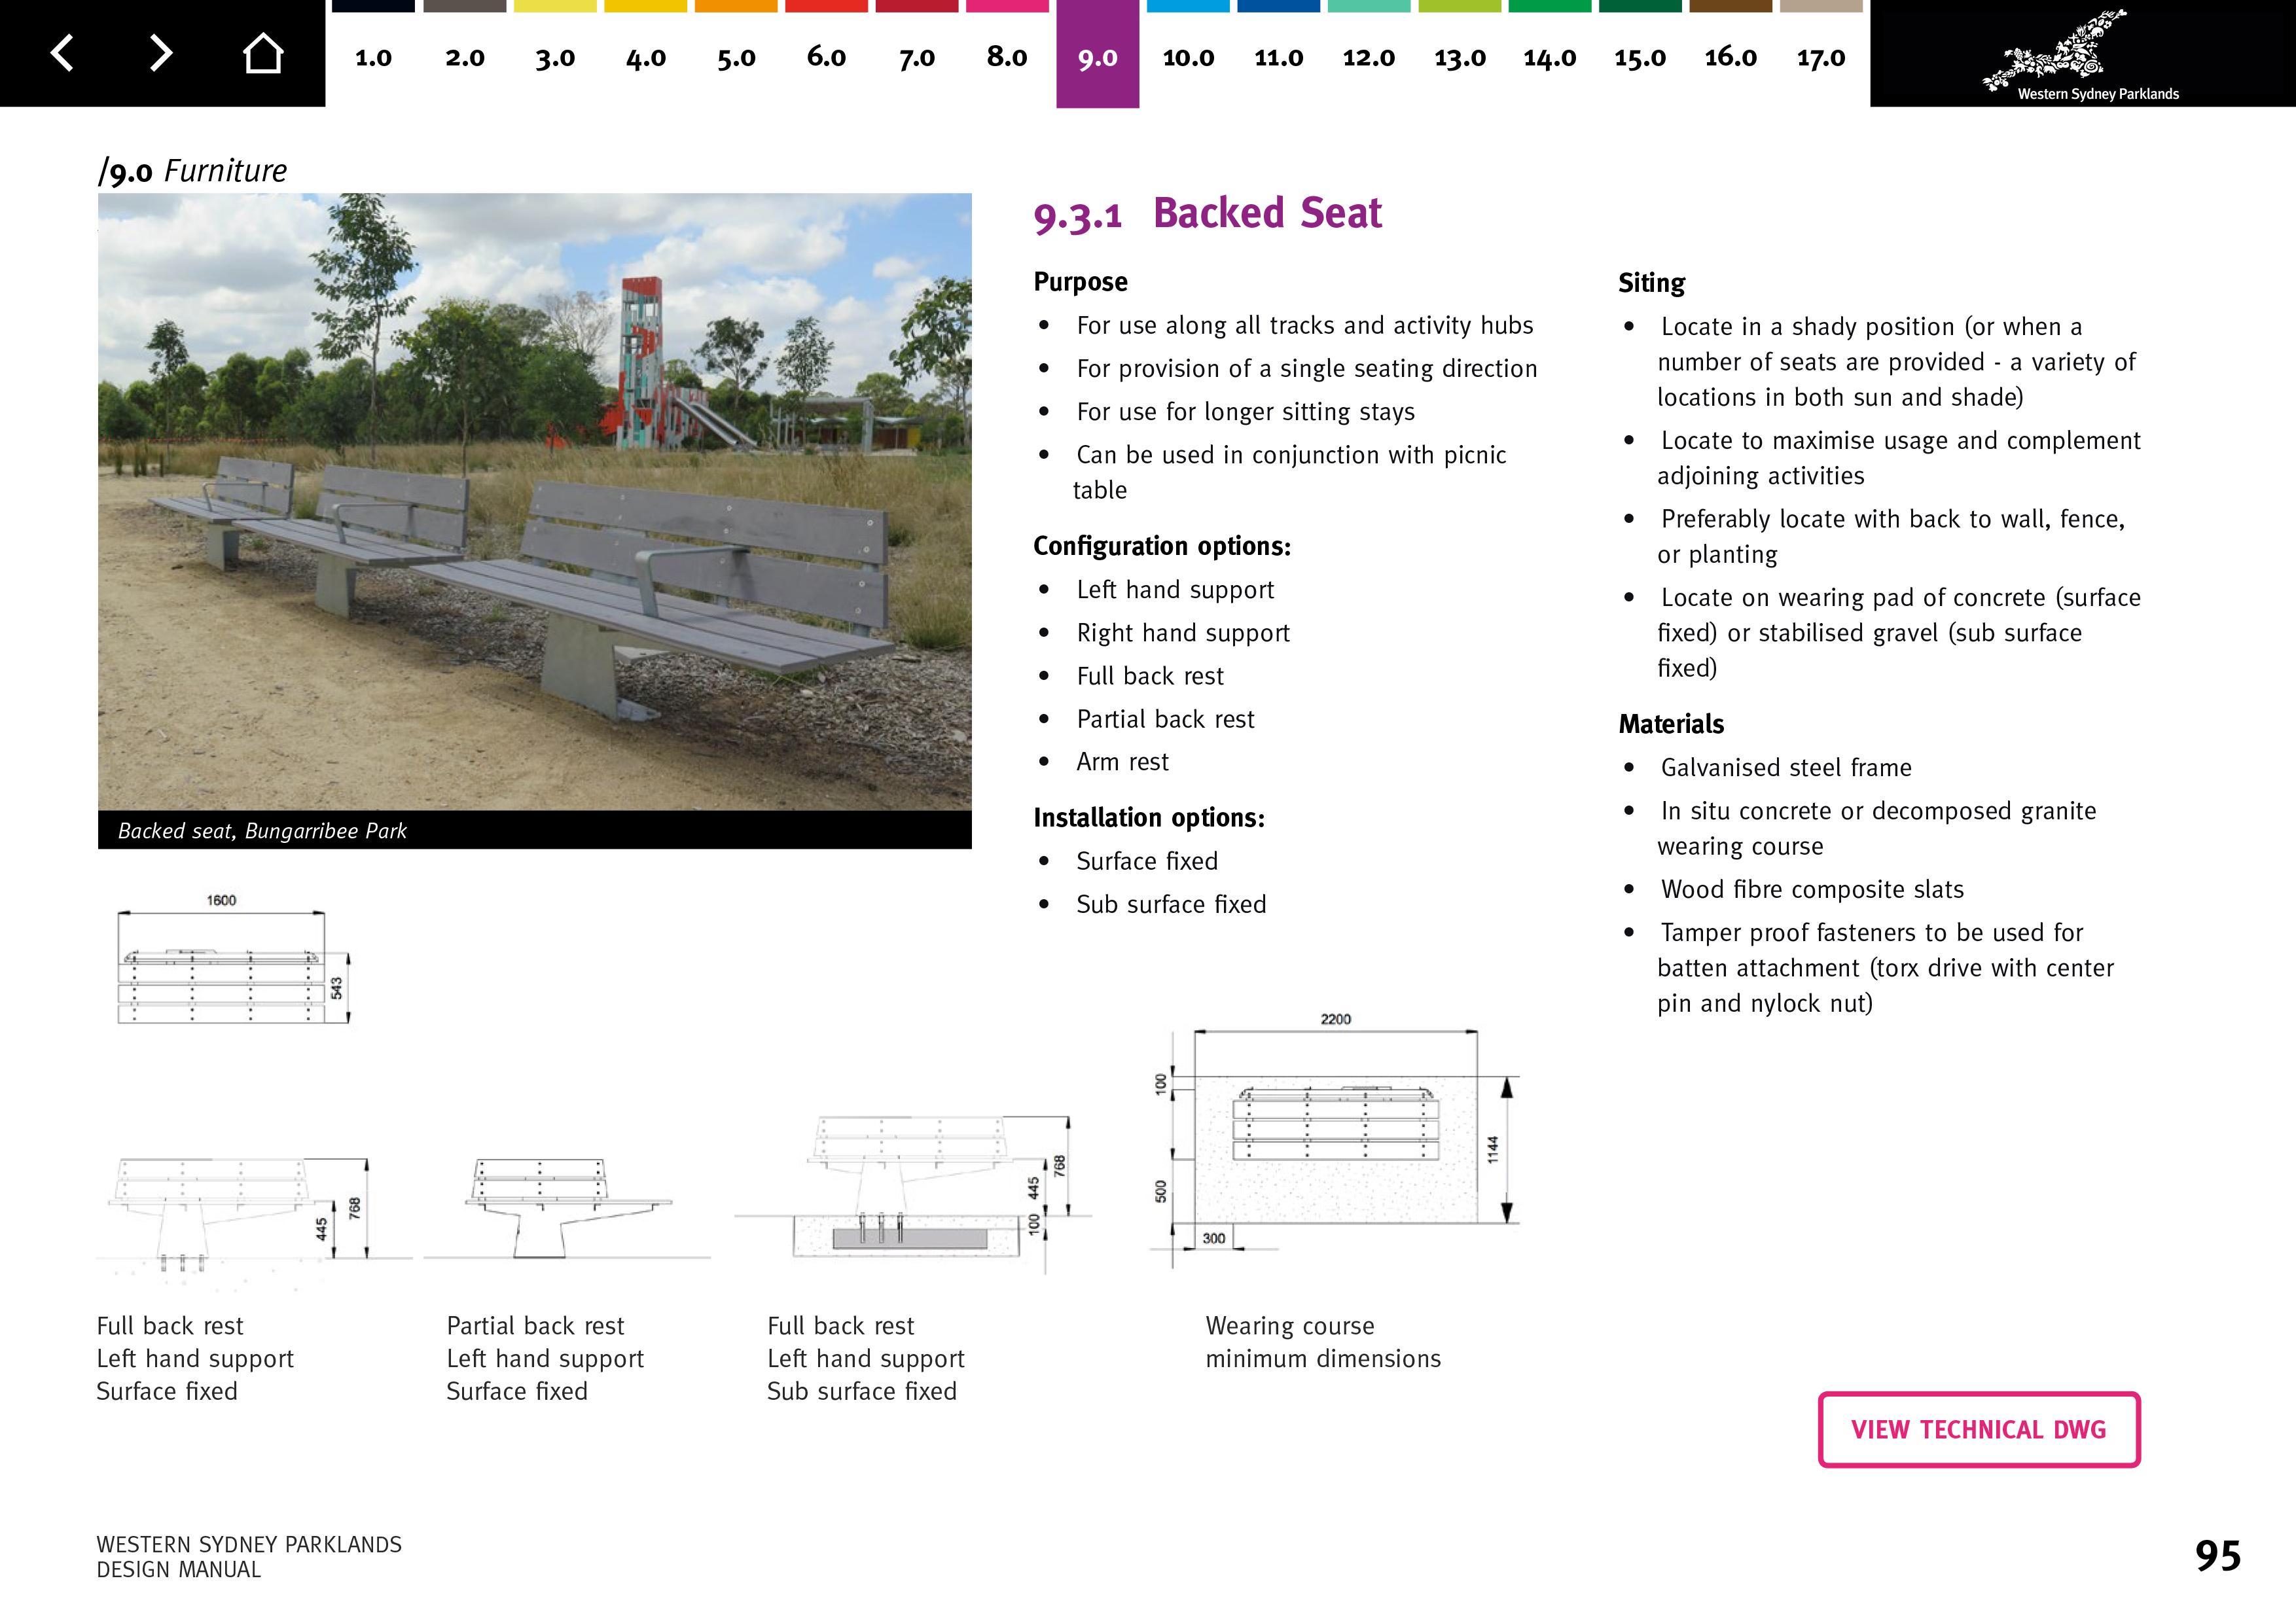 Western Sydney Parklands Design Manual Backed Seat